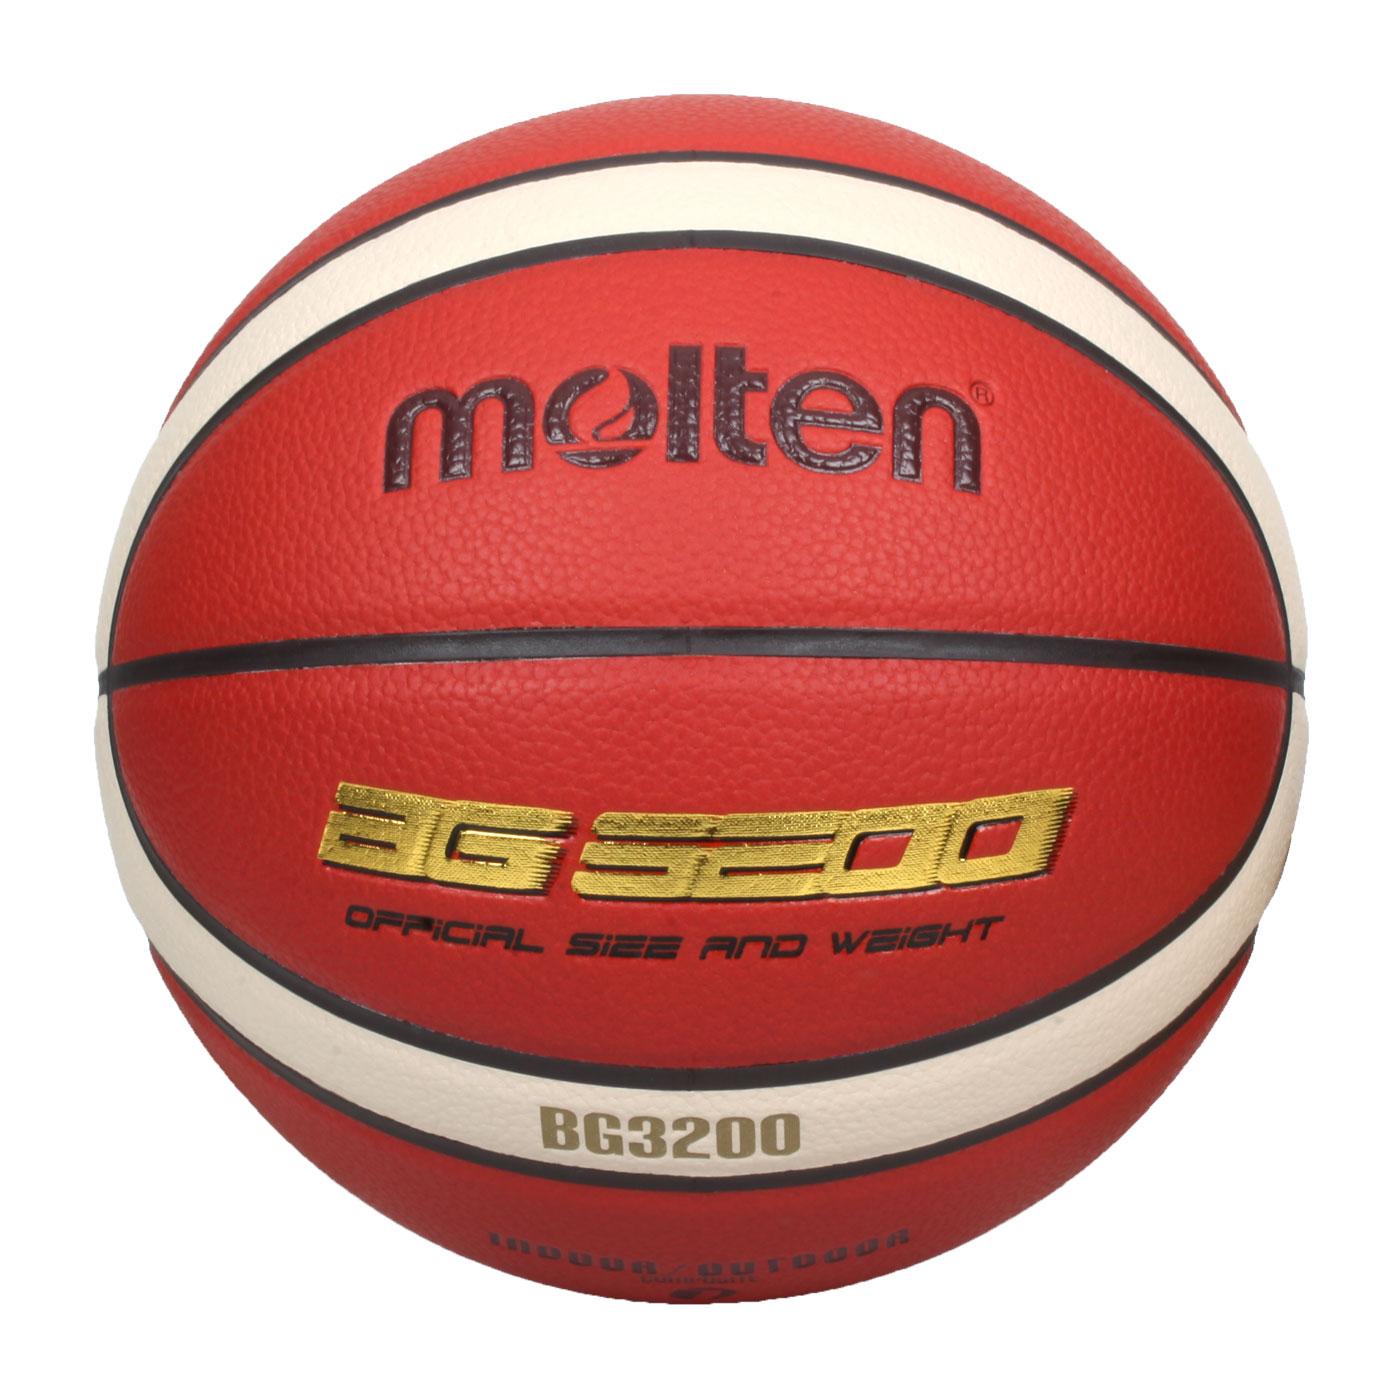 Molten #7合成皮12片貼籃球 B7G3200 - 橘米白金